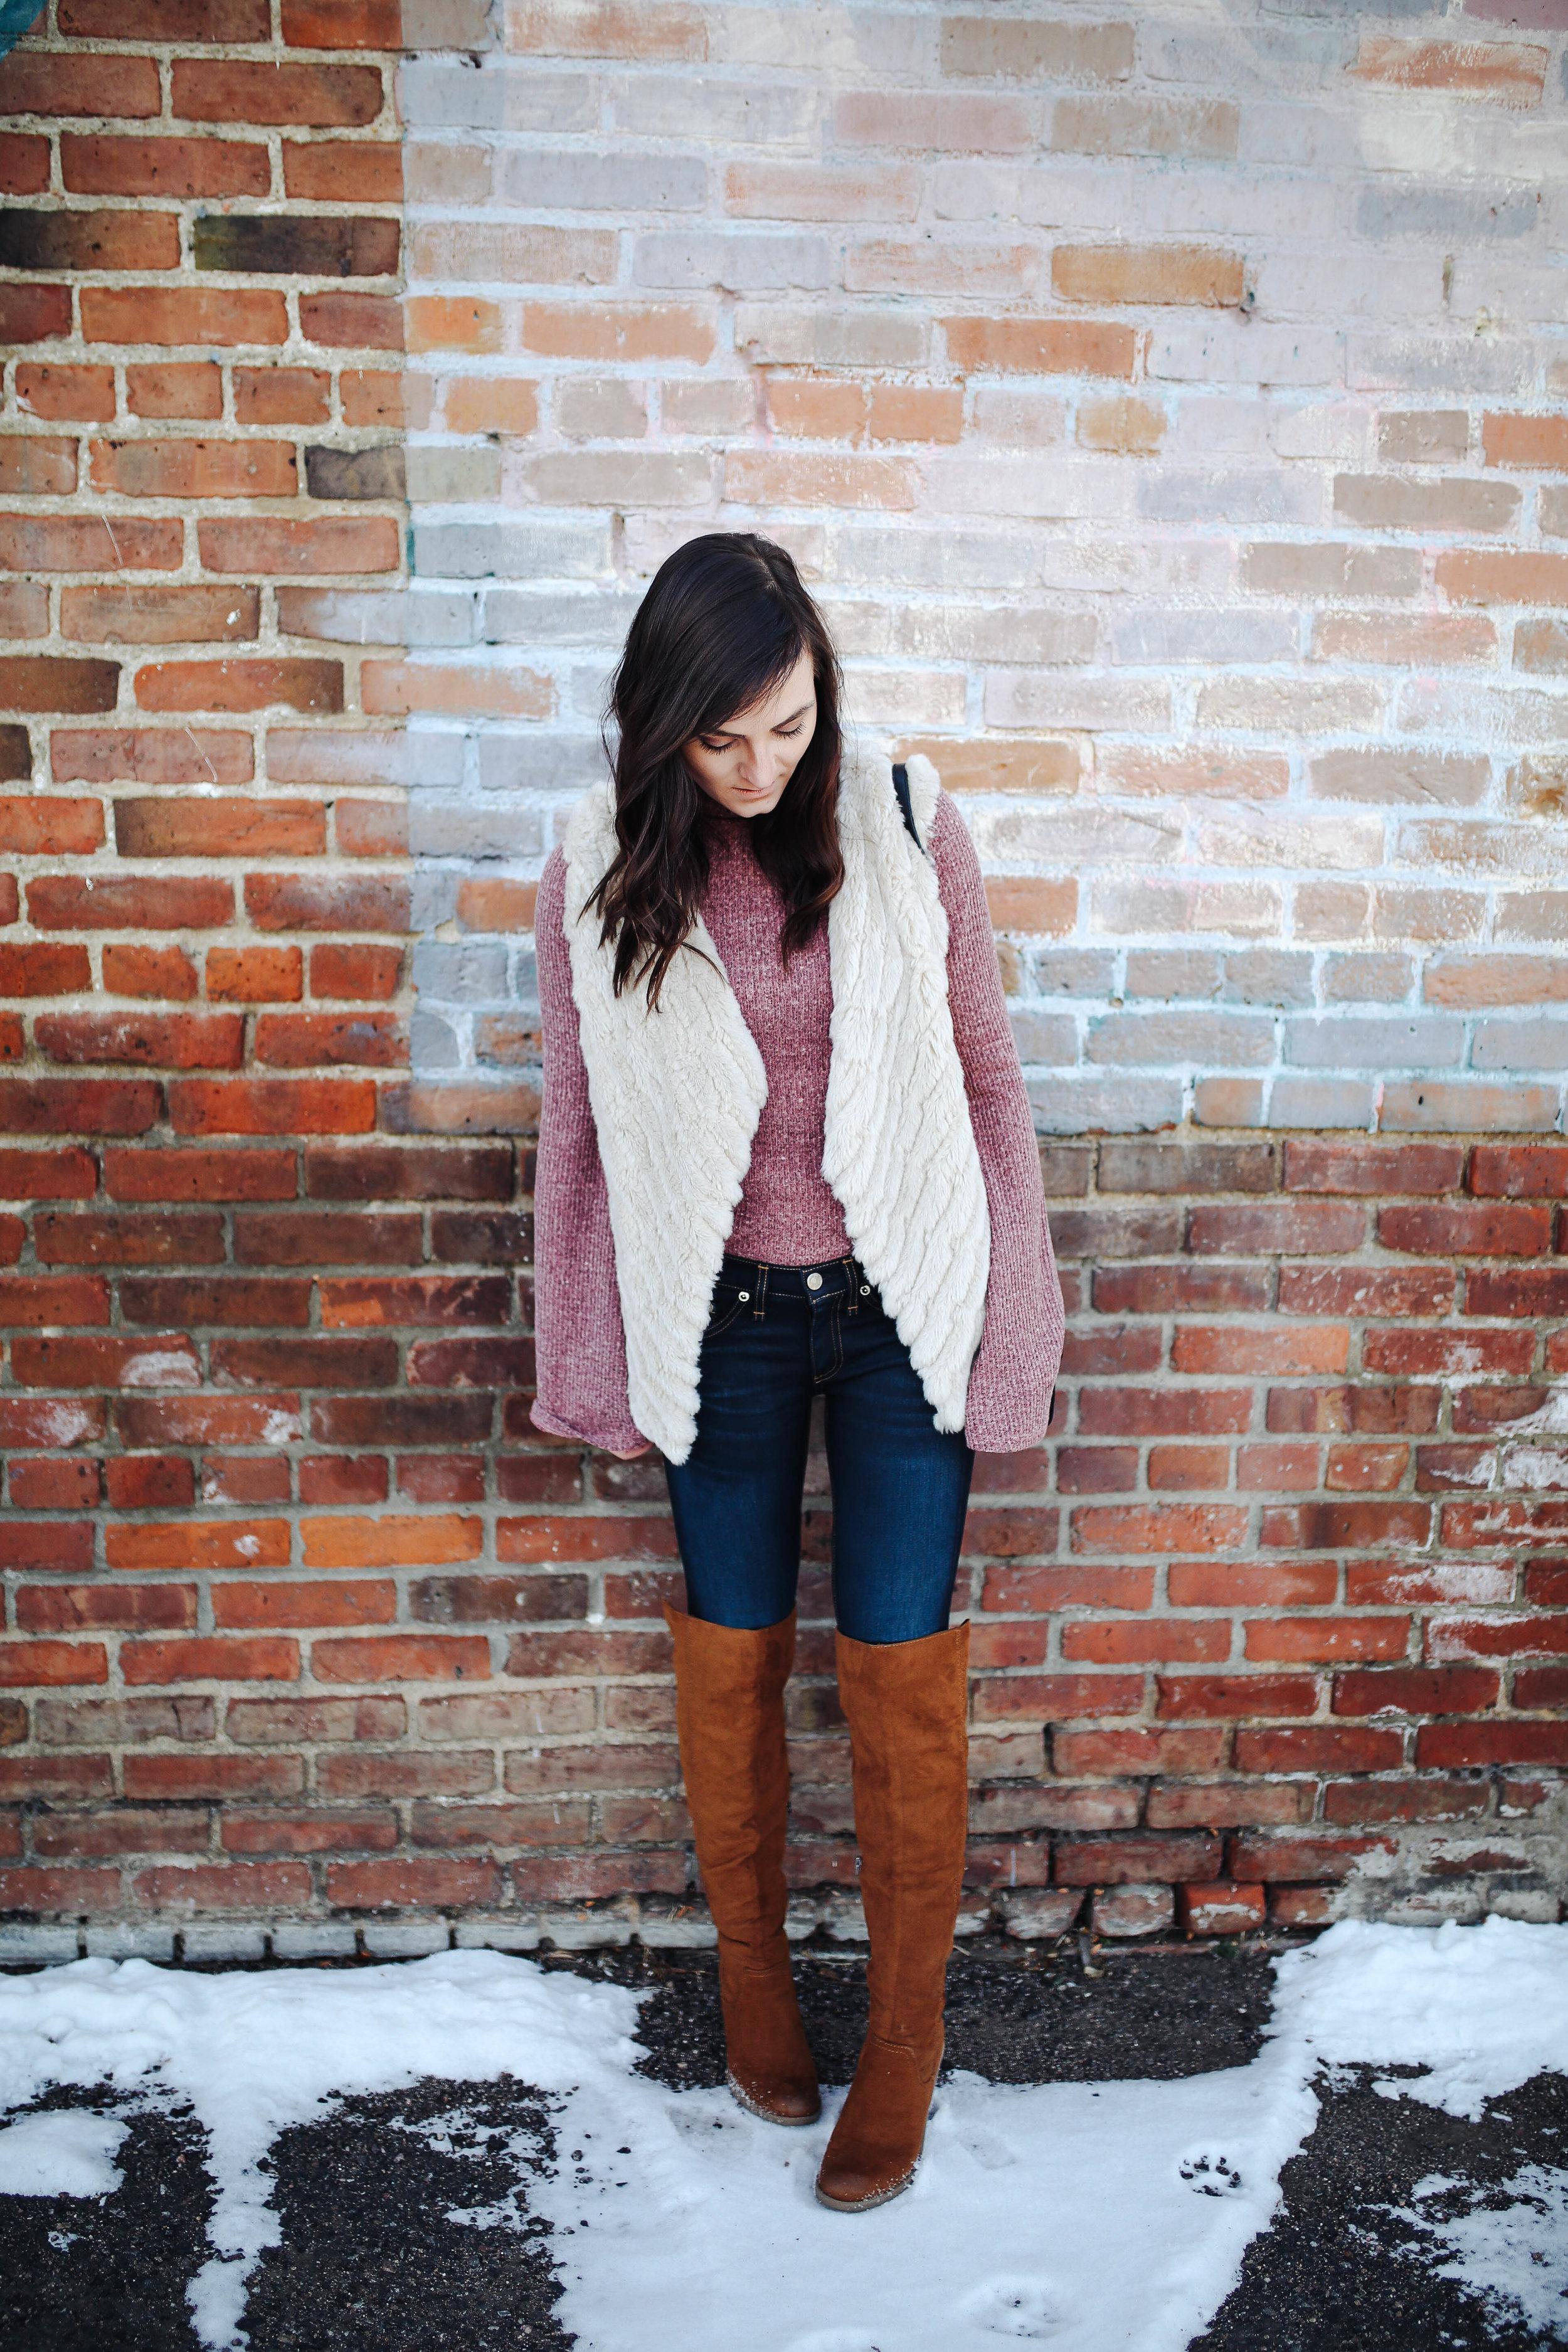 """<img src - bell sleeves.jpg"""" alt = """"trending-bell-sleeves-otk-boots-bb dakota-keith-faux-fur-vest"""">"""